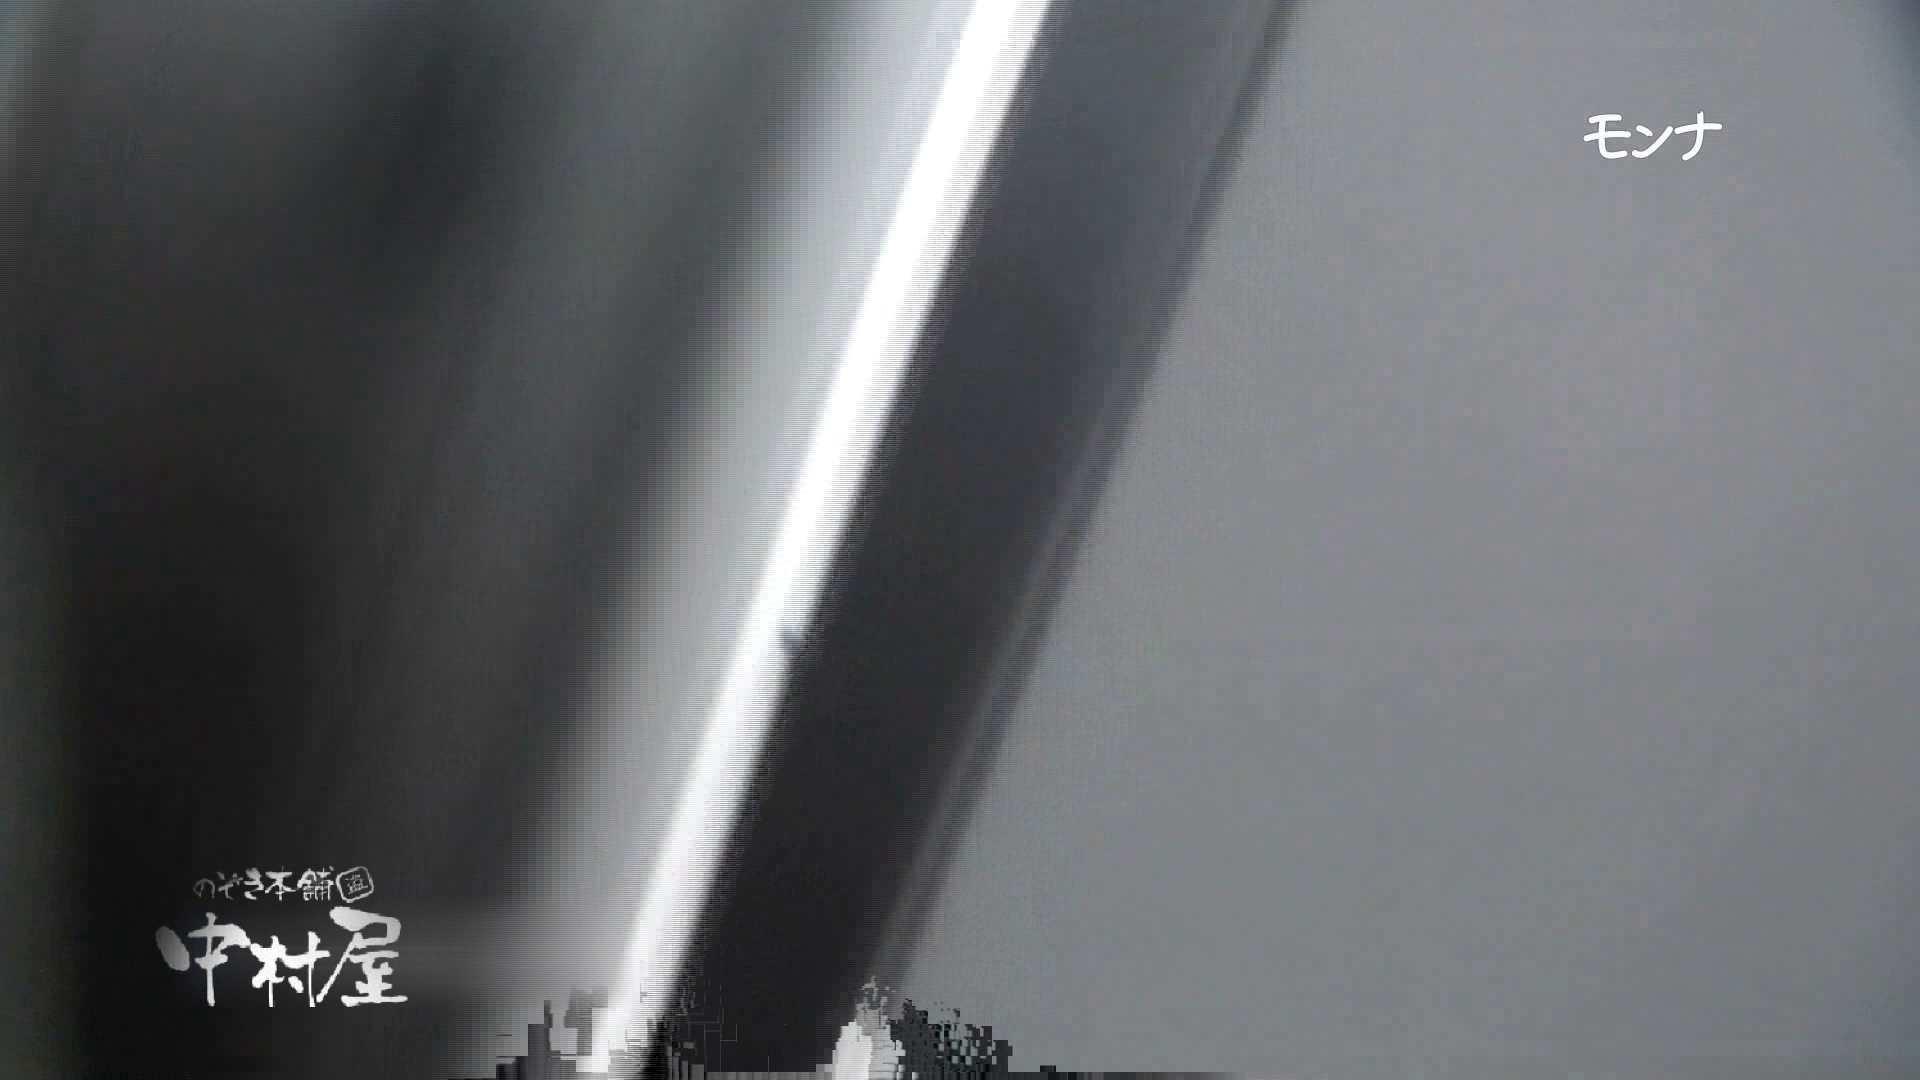 【美しい日本の未来】新学期!!下半身中心に攻めてます美女可愛い女子悪戯盗satuトイレ後編 美女 隠し撮りオマンコ動画紹介 82連発 82